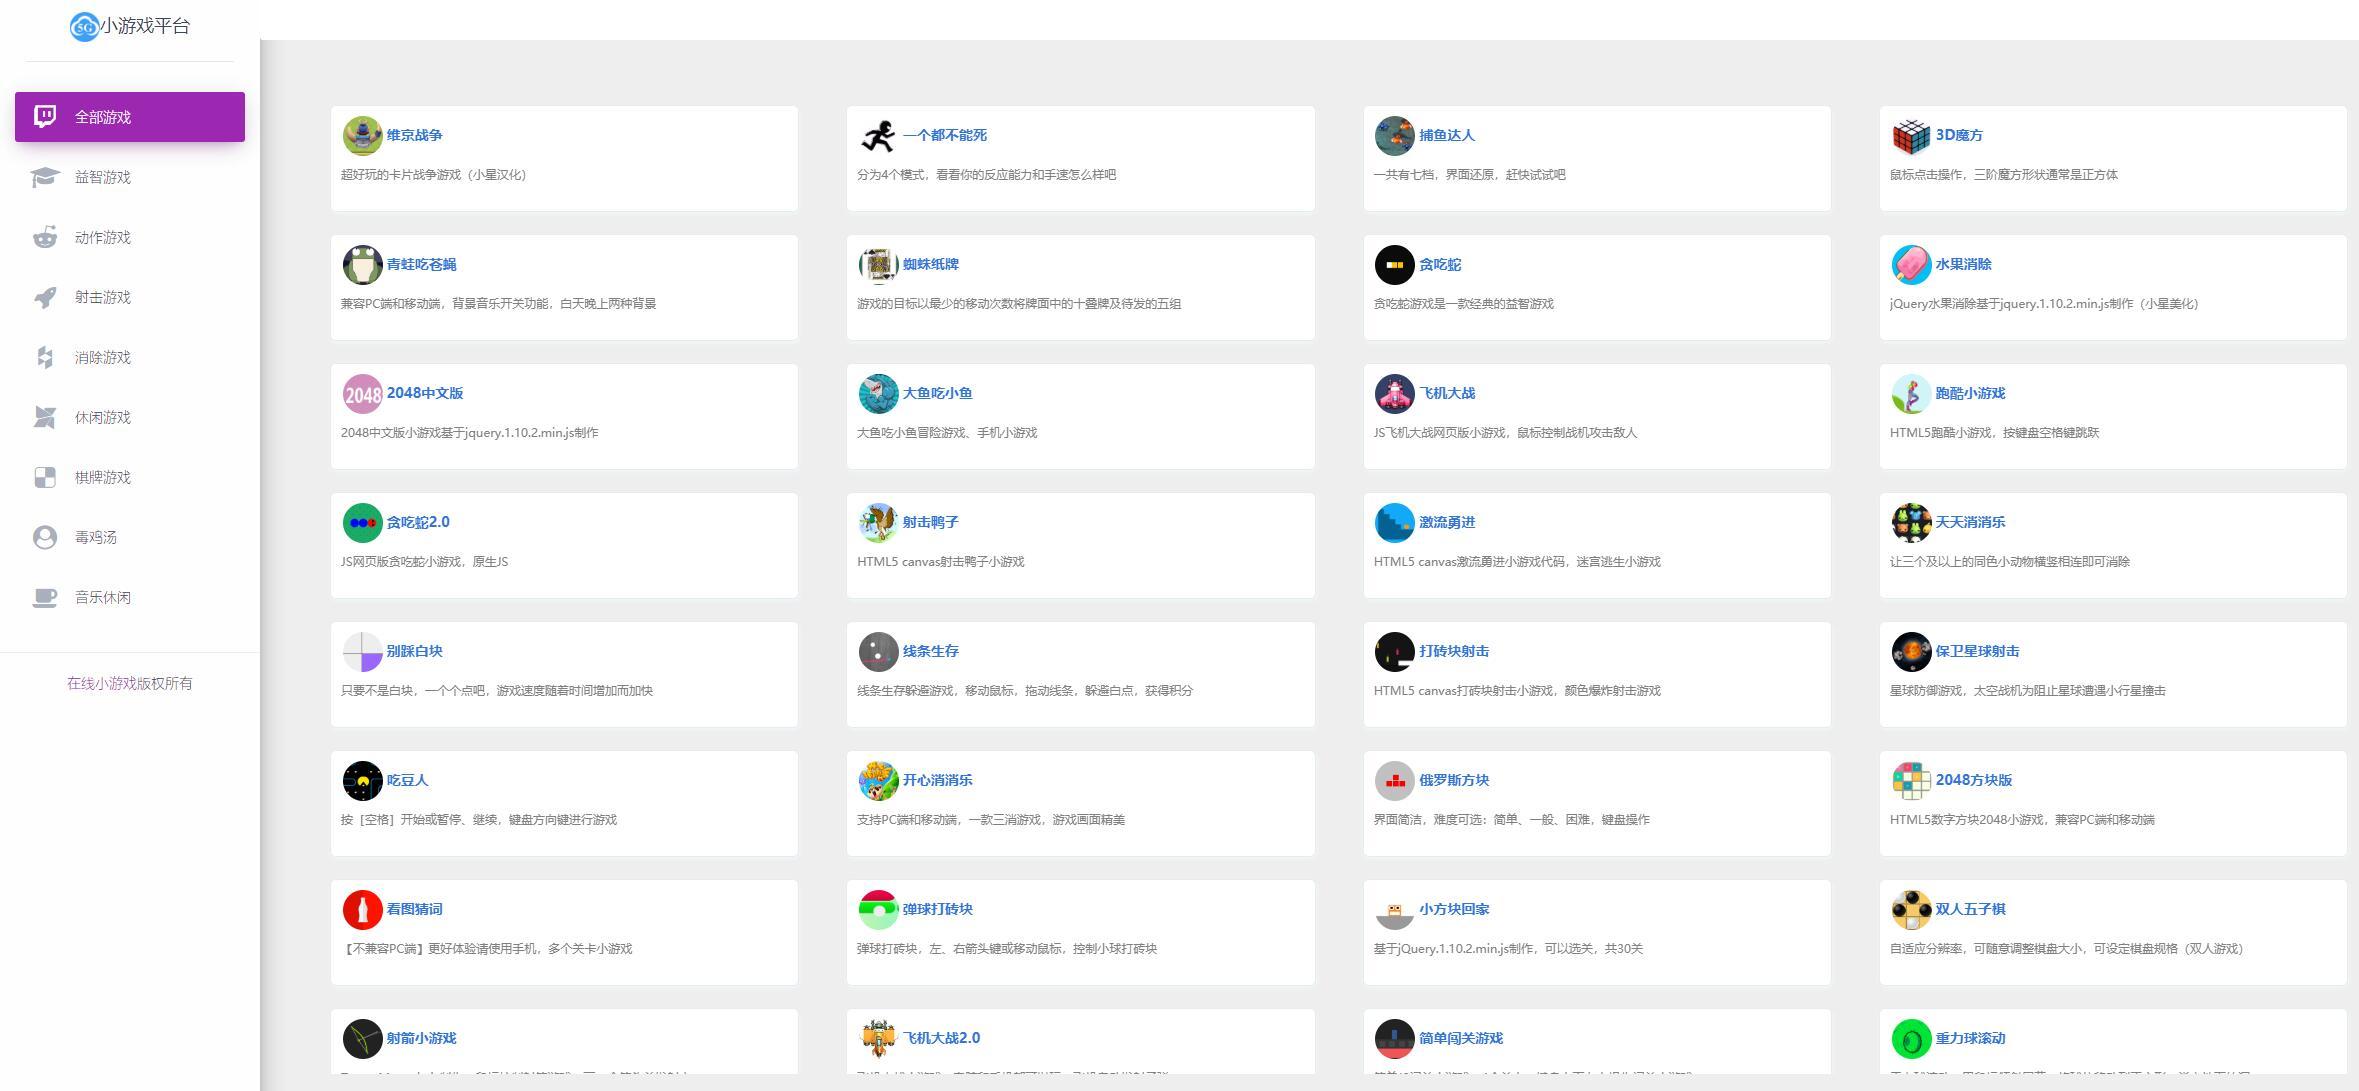 70个小游戏平台HTML源码-小酒资源